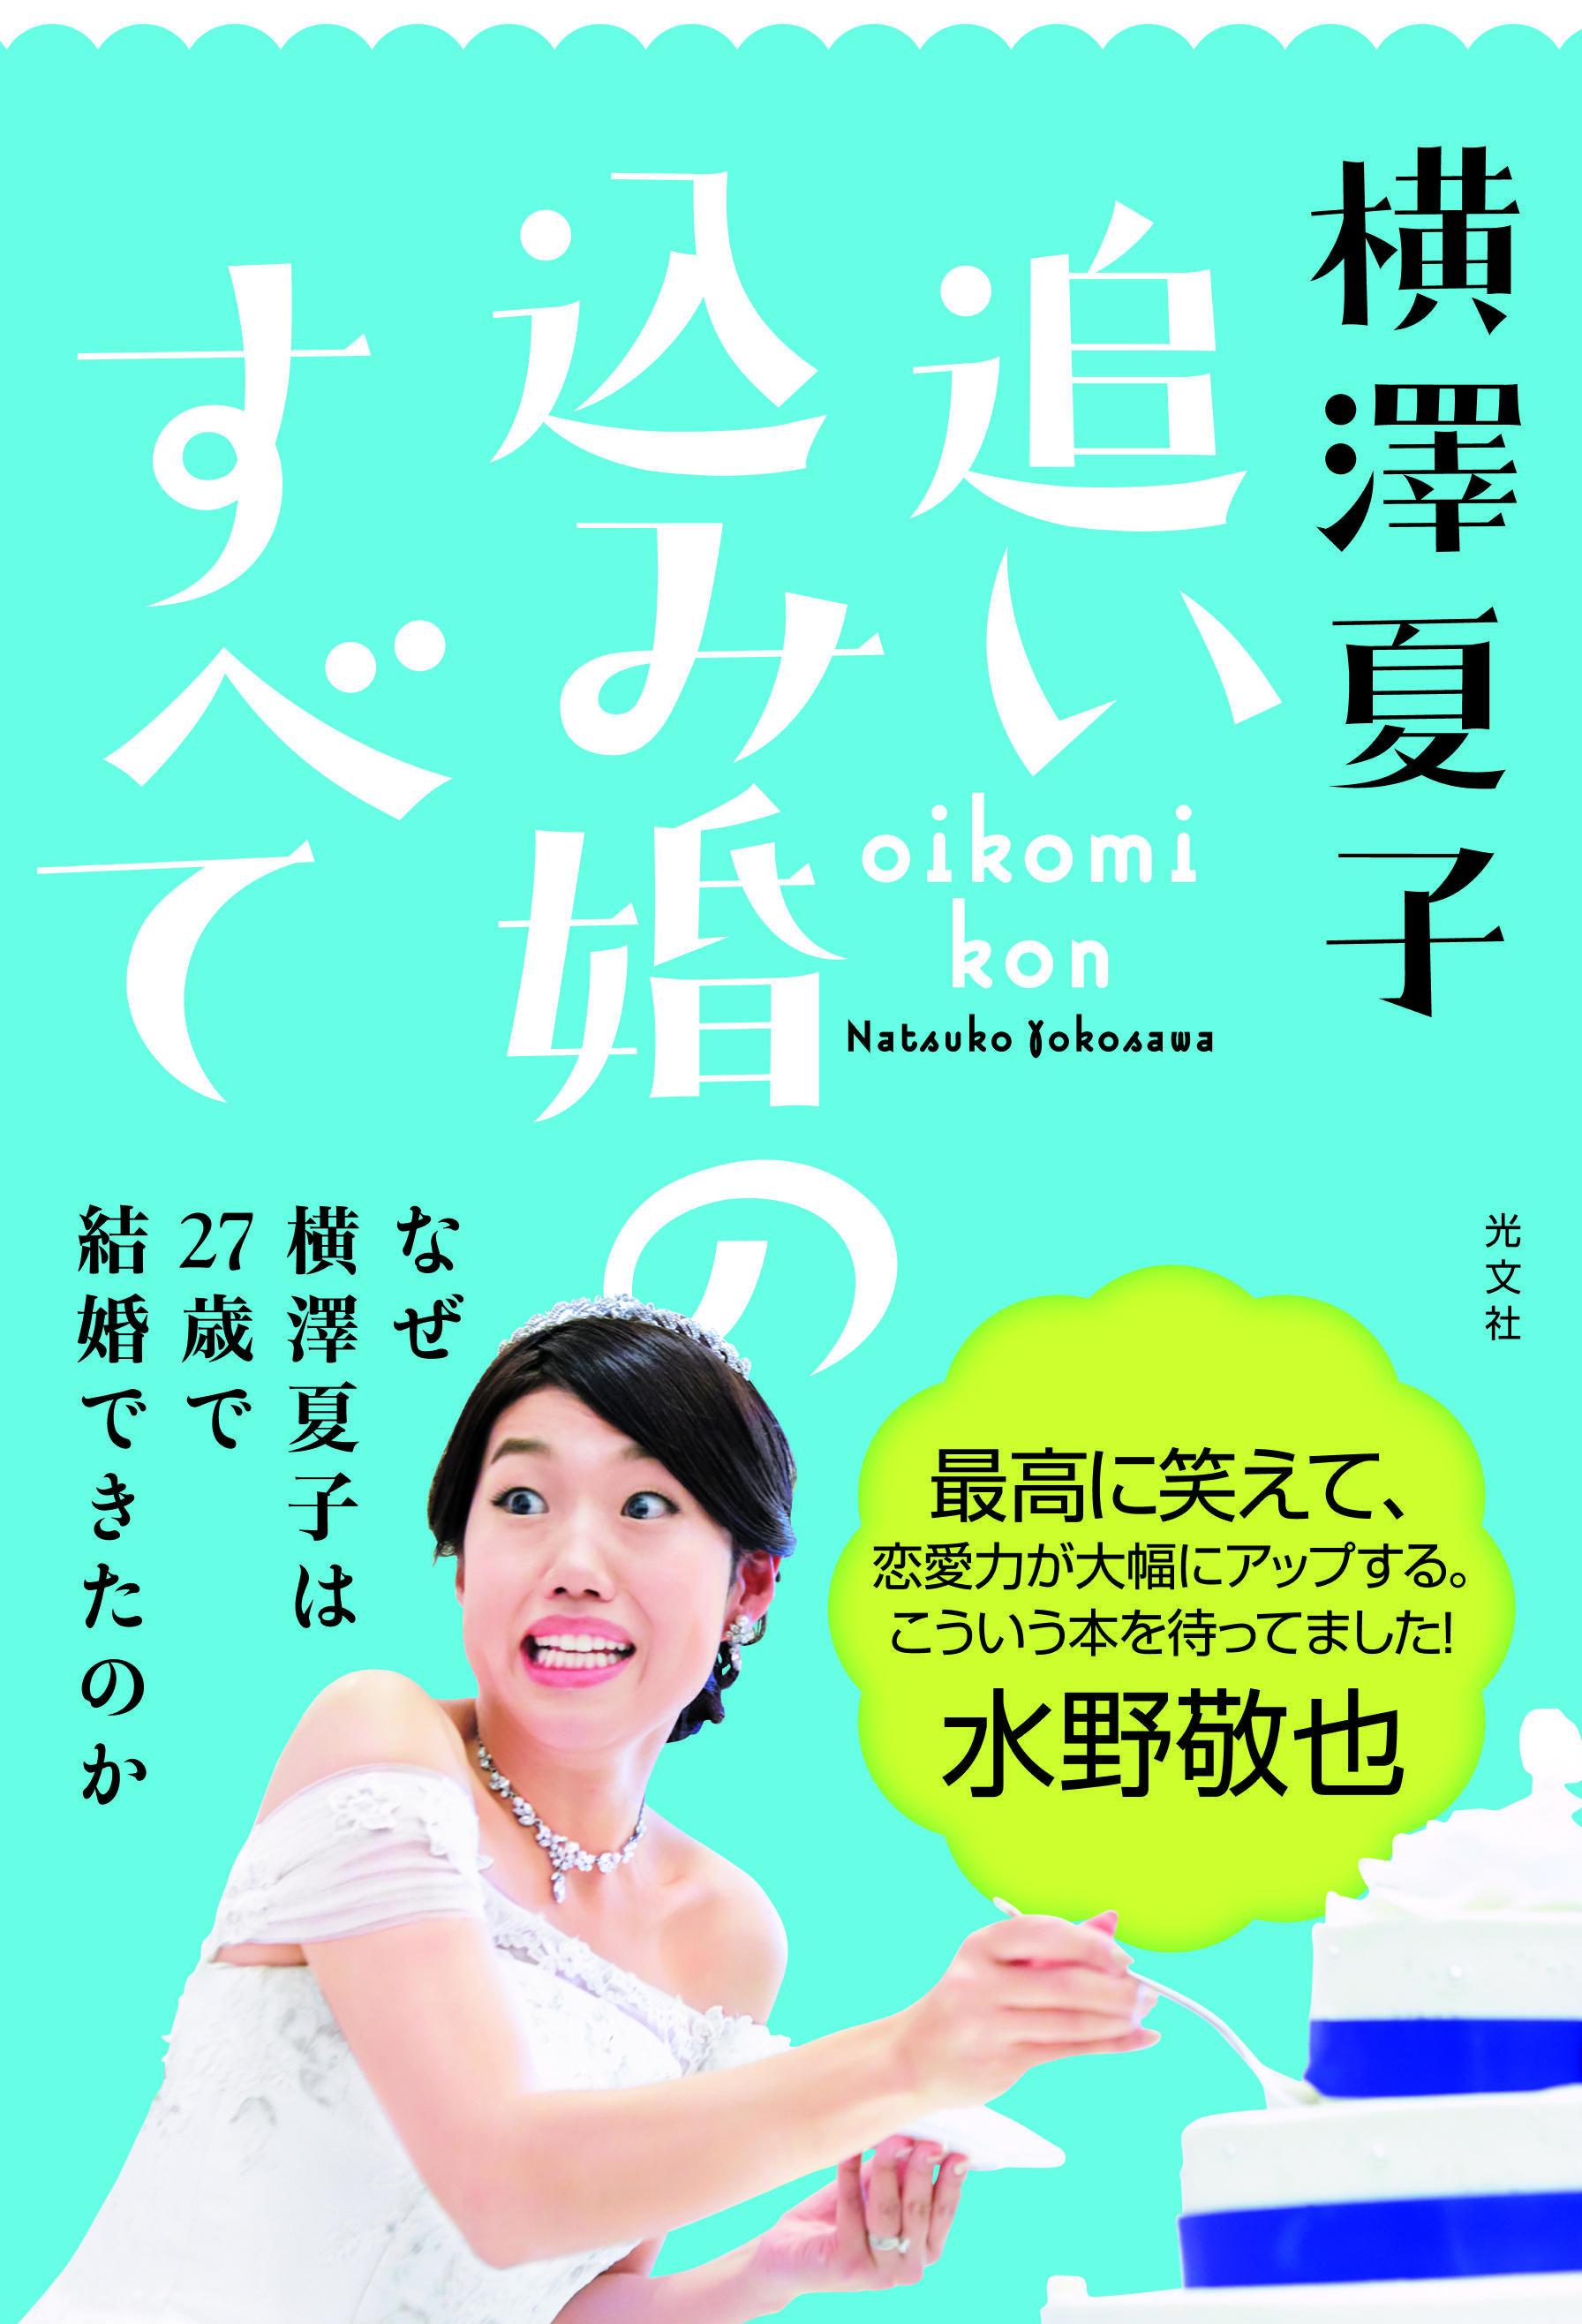 http://news.yoshimoto.co.jp/20180731201215-9976c47140c5a4cb79be412670cba00027118c53.jpg